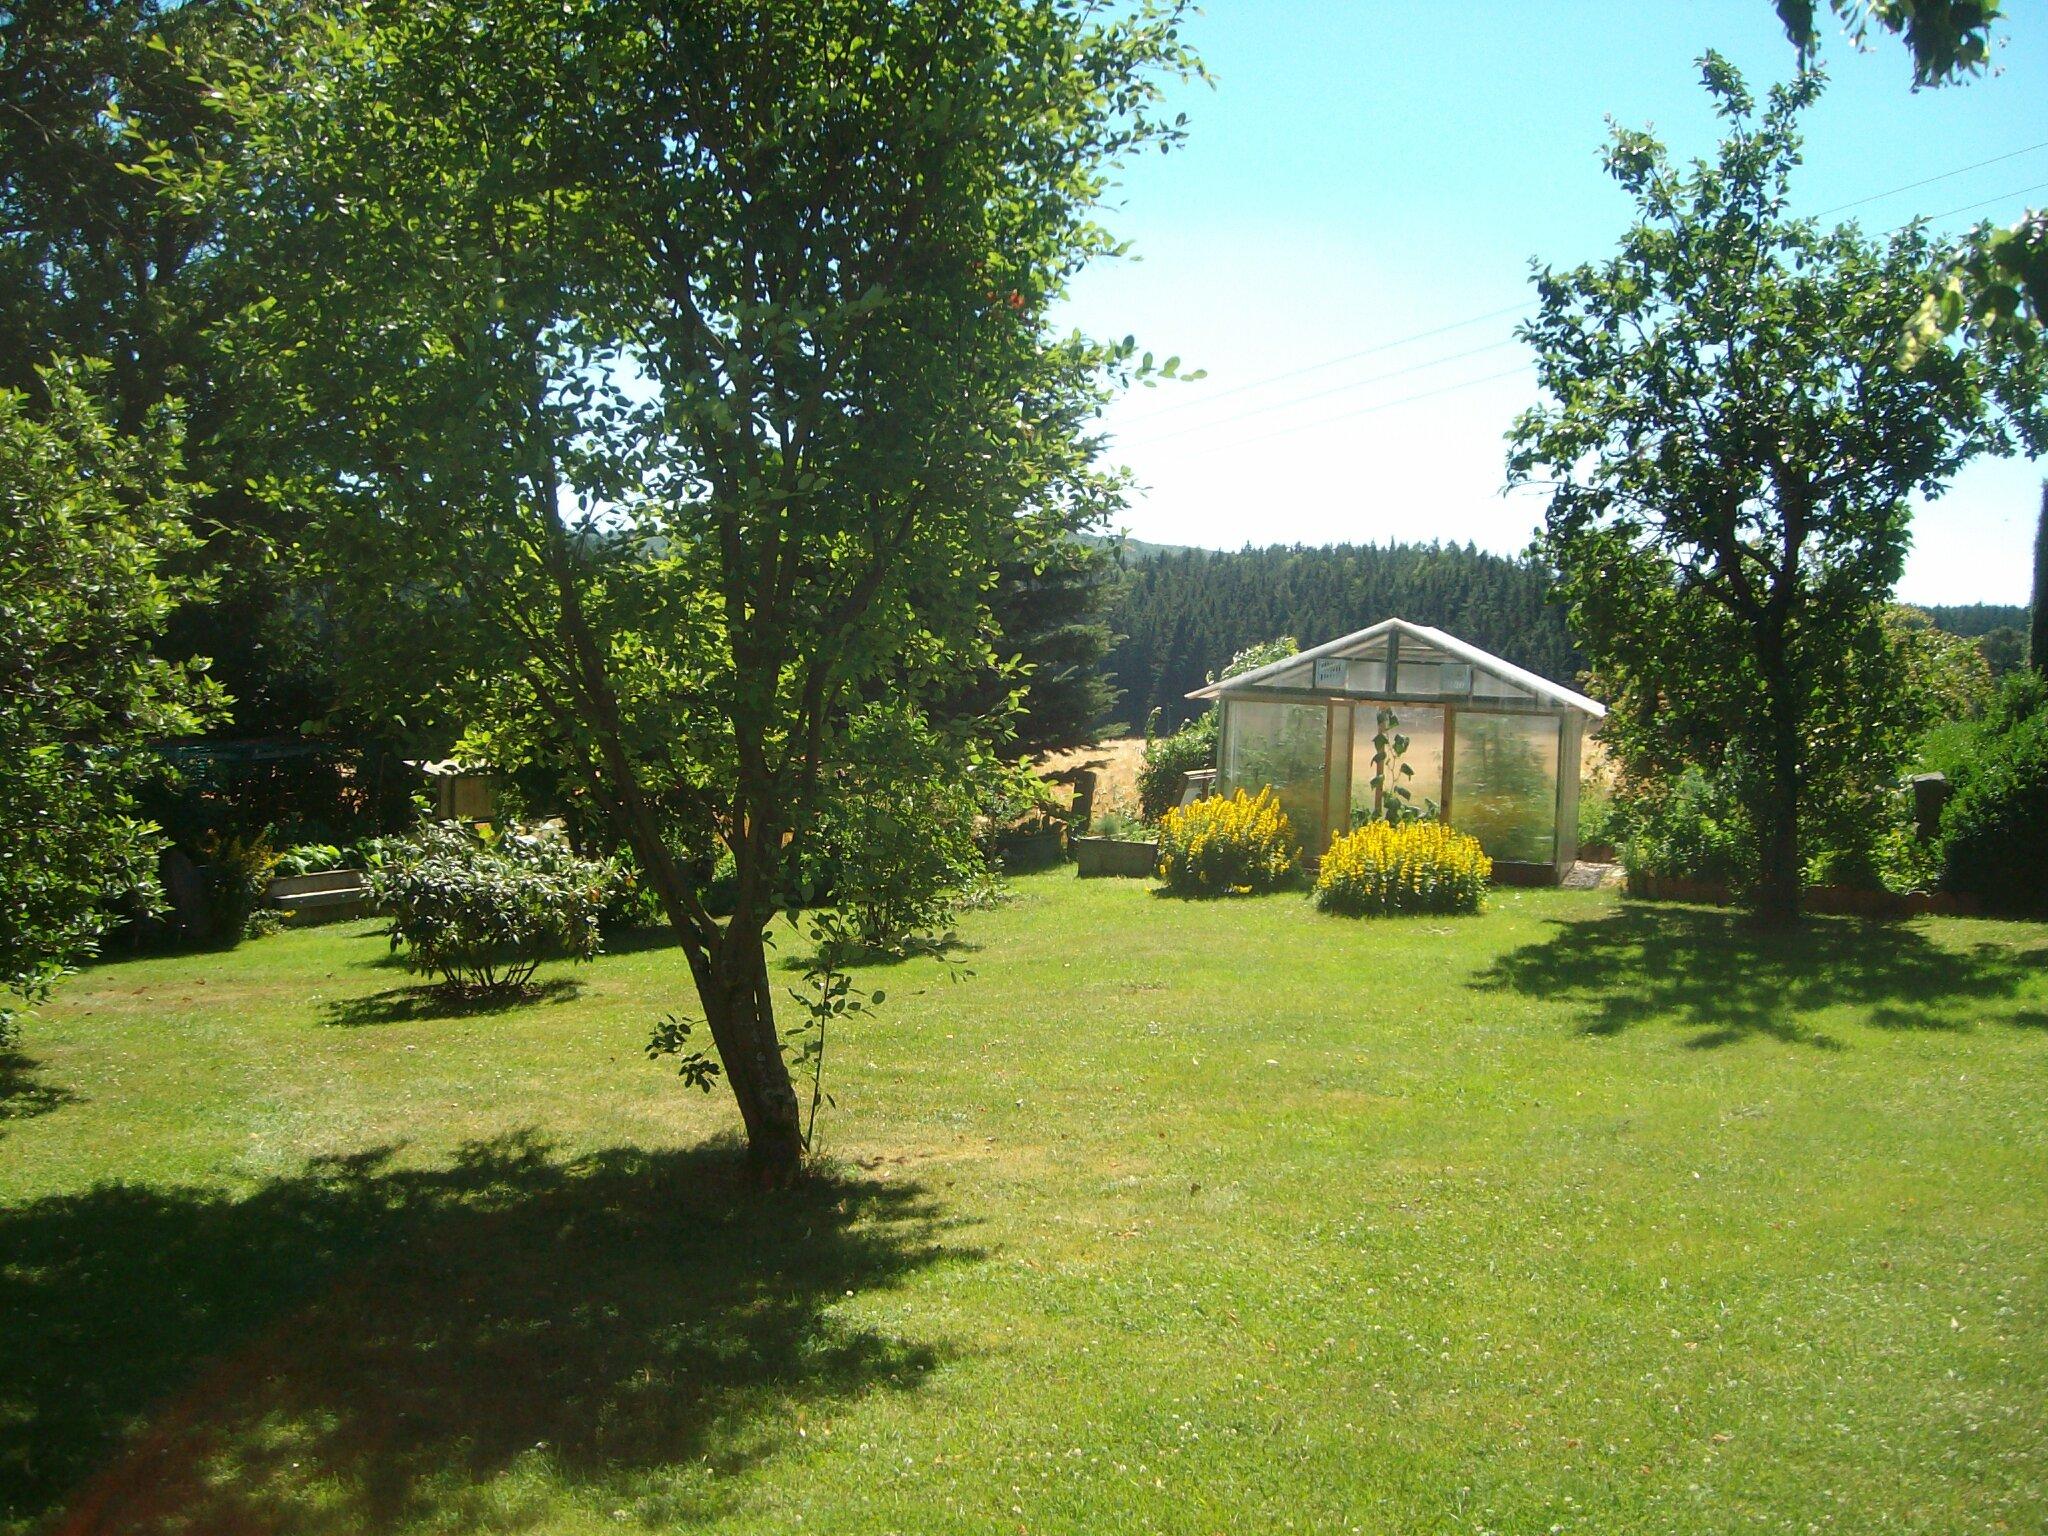 Freie Aussicht in die Winterlandschaft